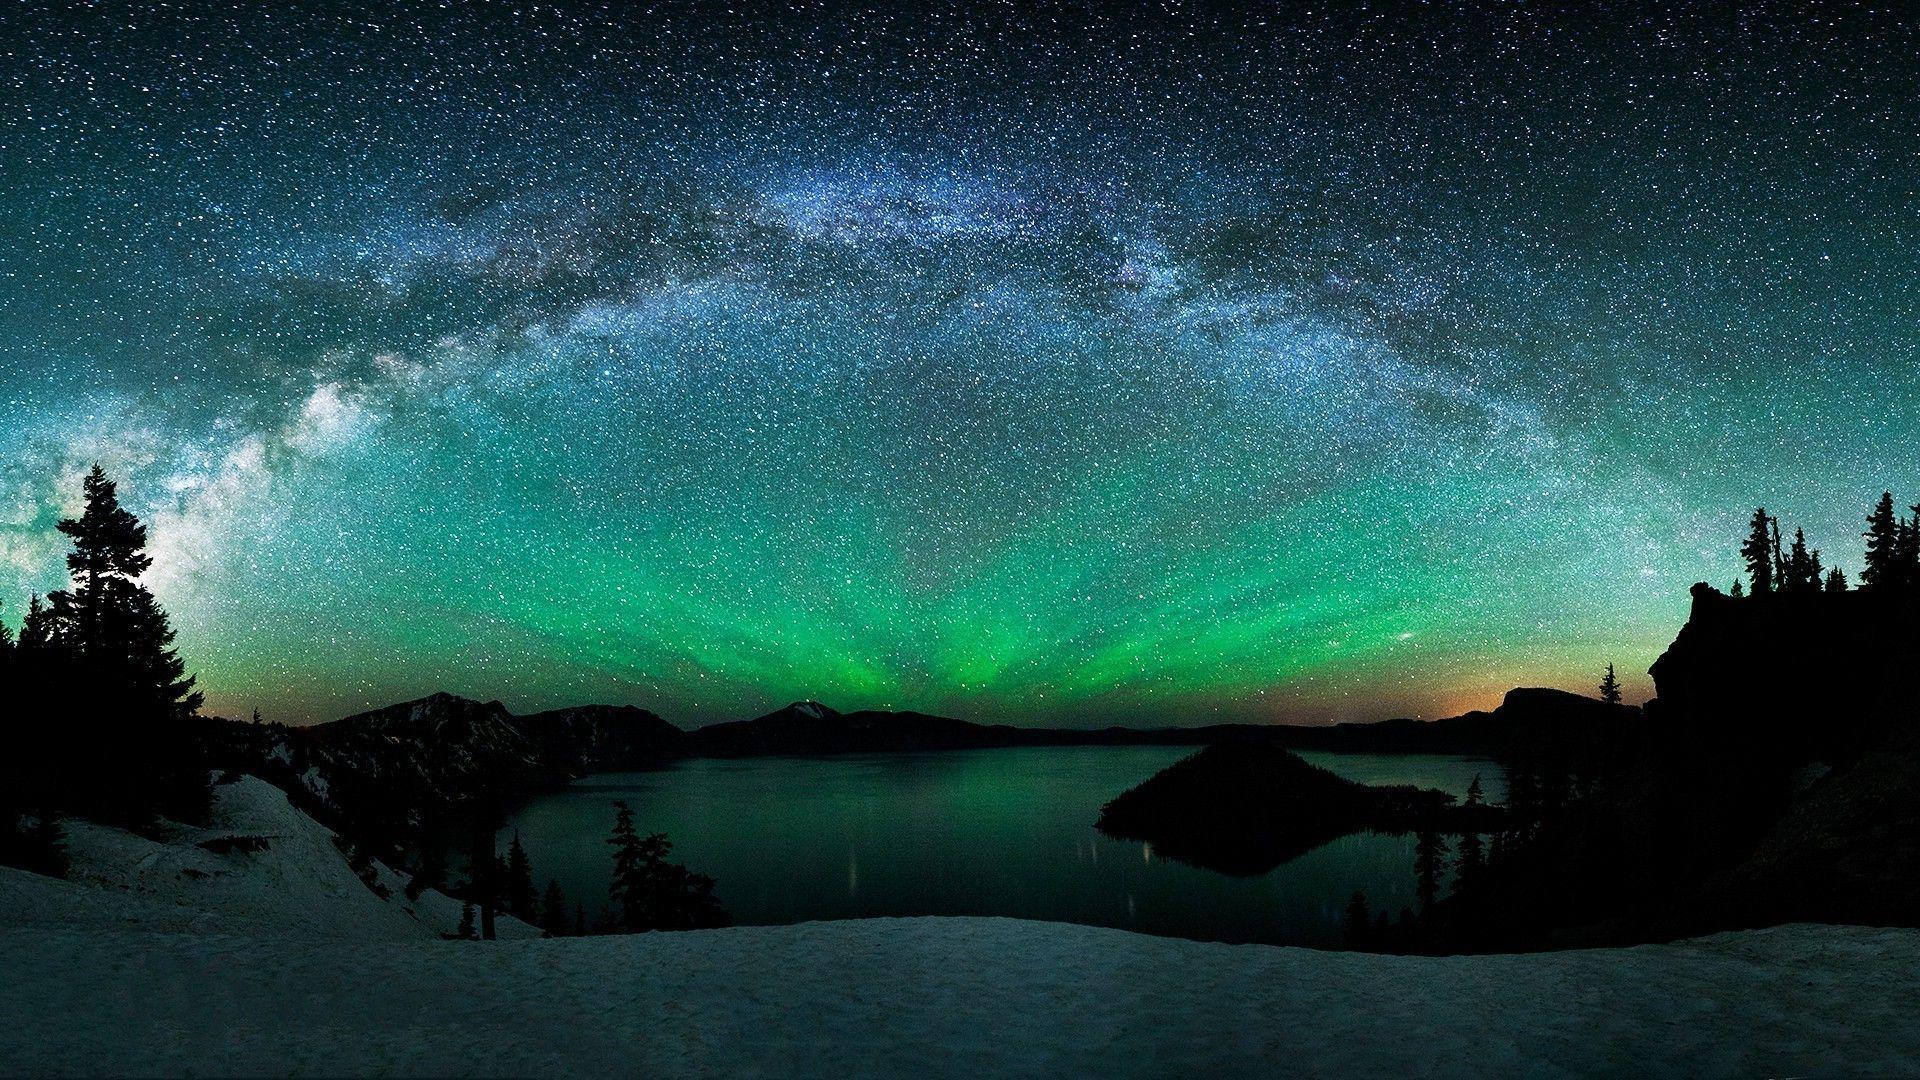 HD Aurora Borealis Wallpaper - WallpaperSafari